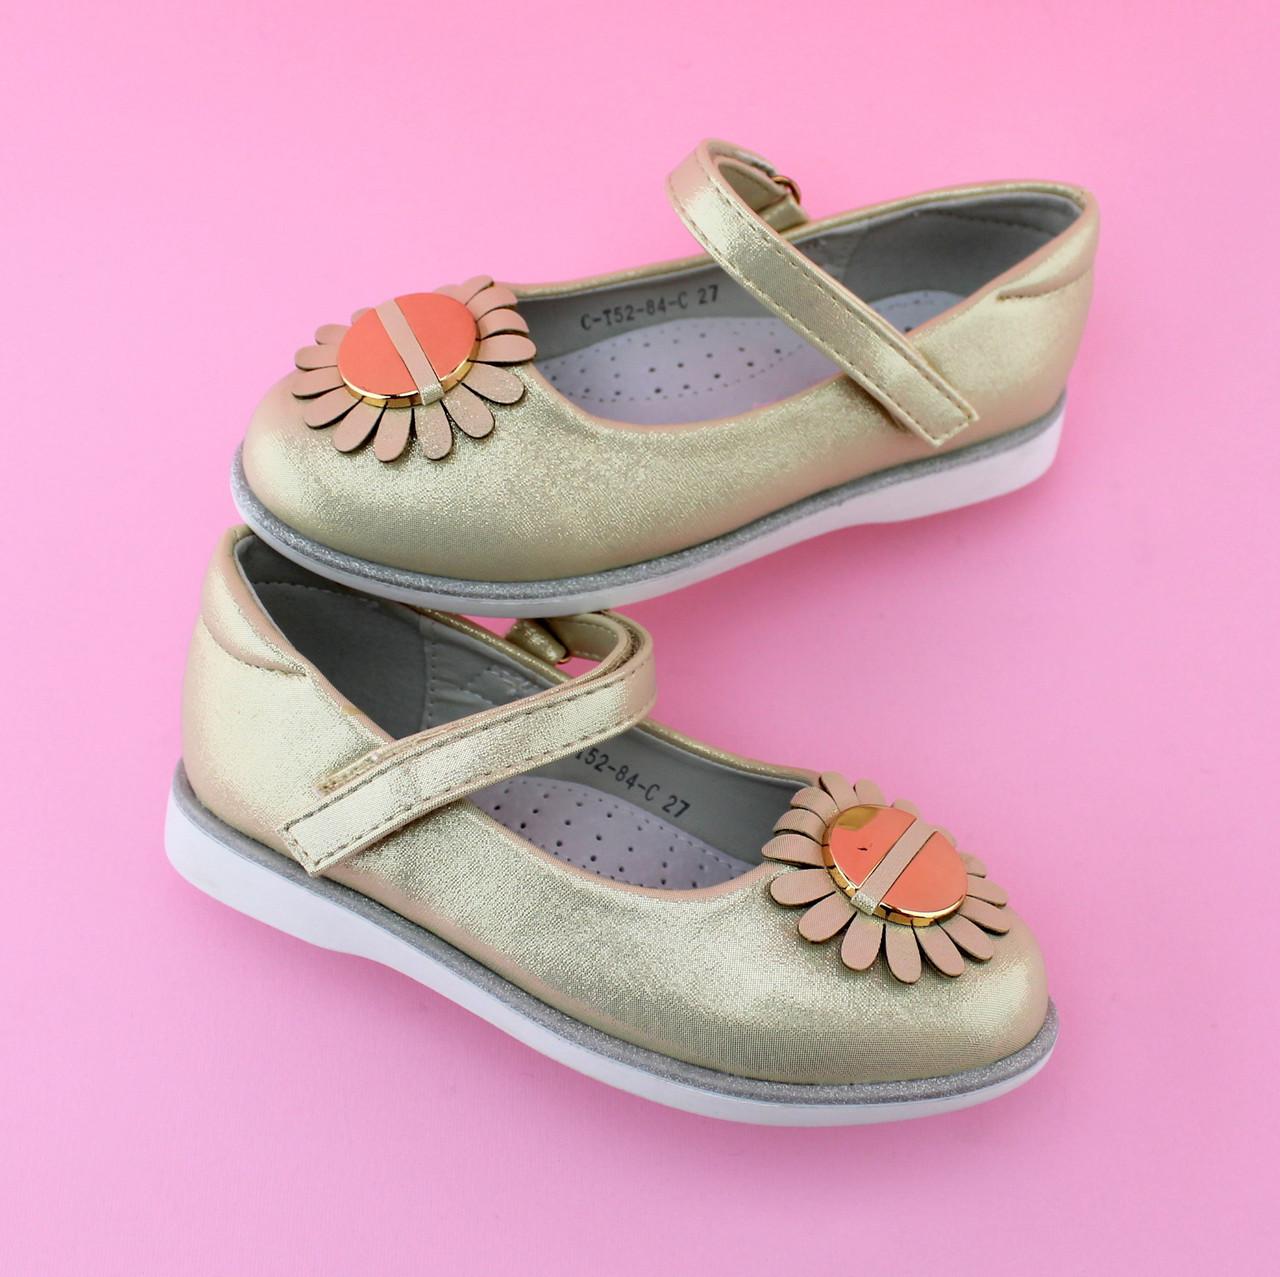 Детские нарядные туфли Золото тм Том.м размер 23,25,27,31,32